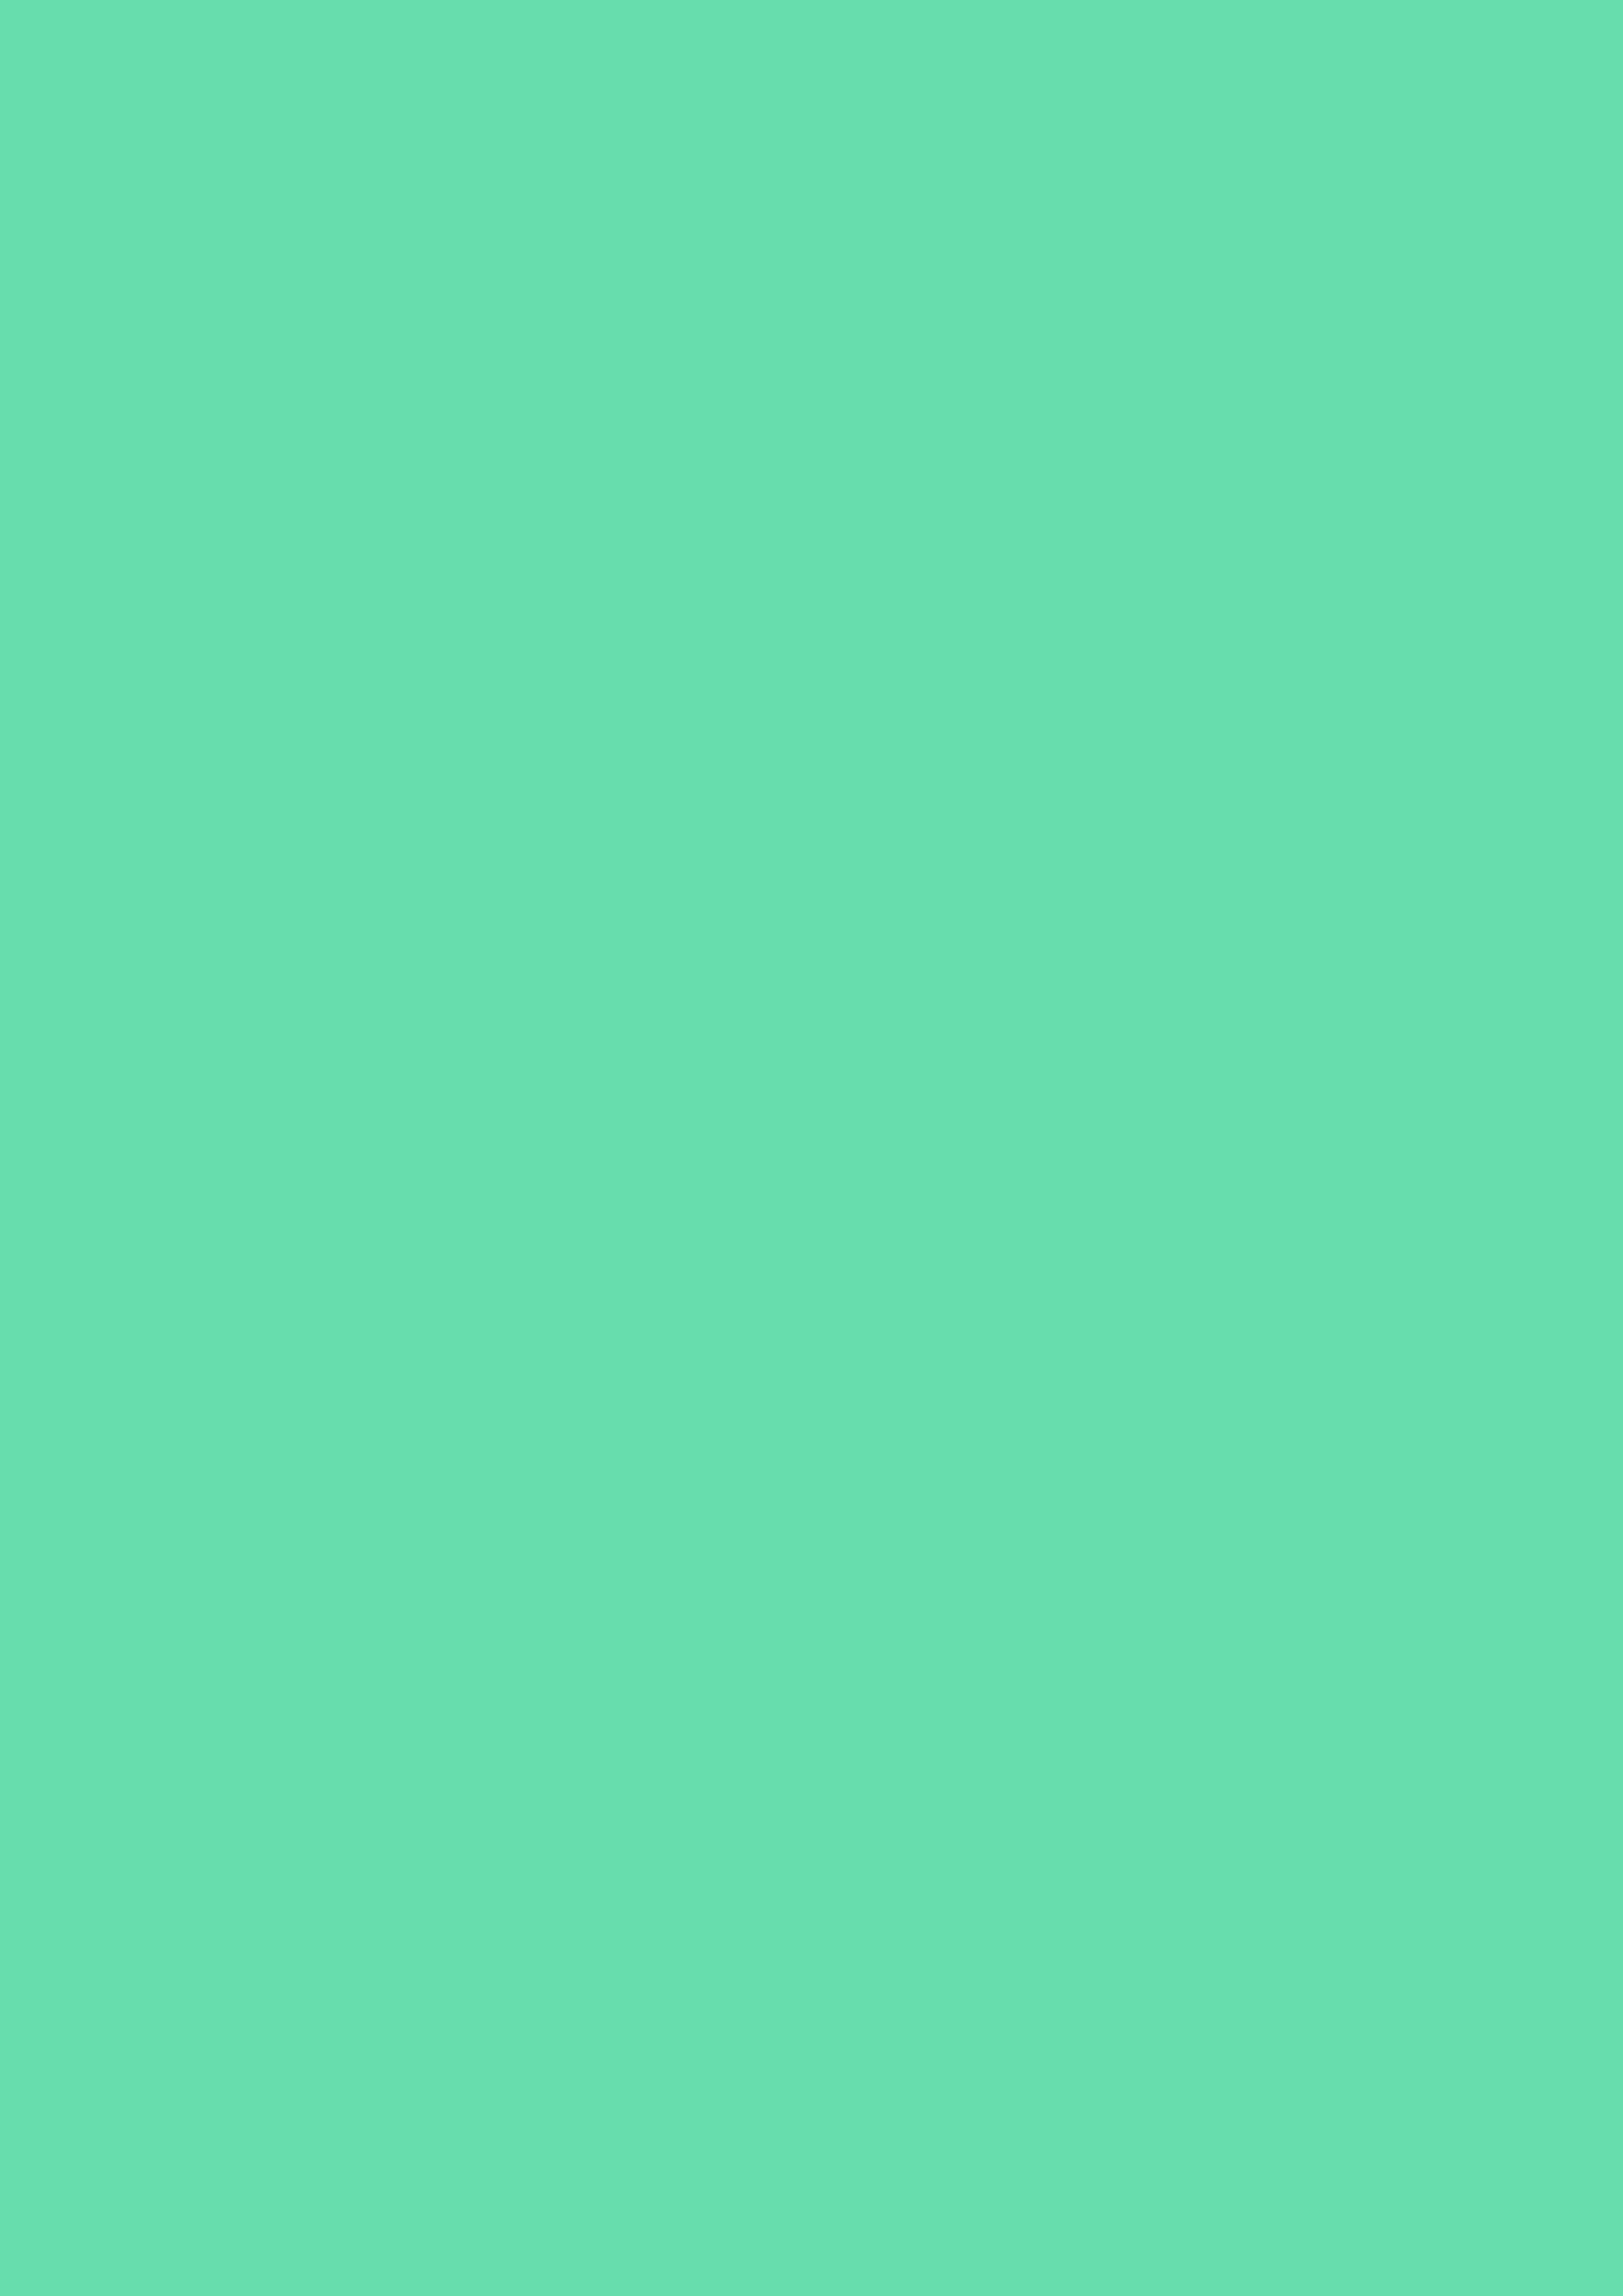 2480x3508 Medium Aquamarine Solid Color Background